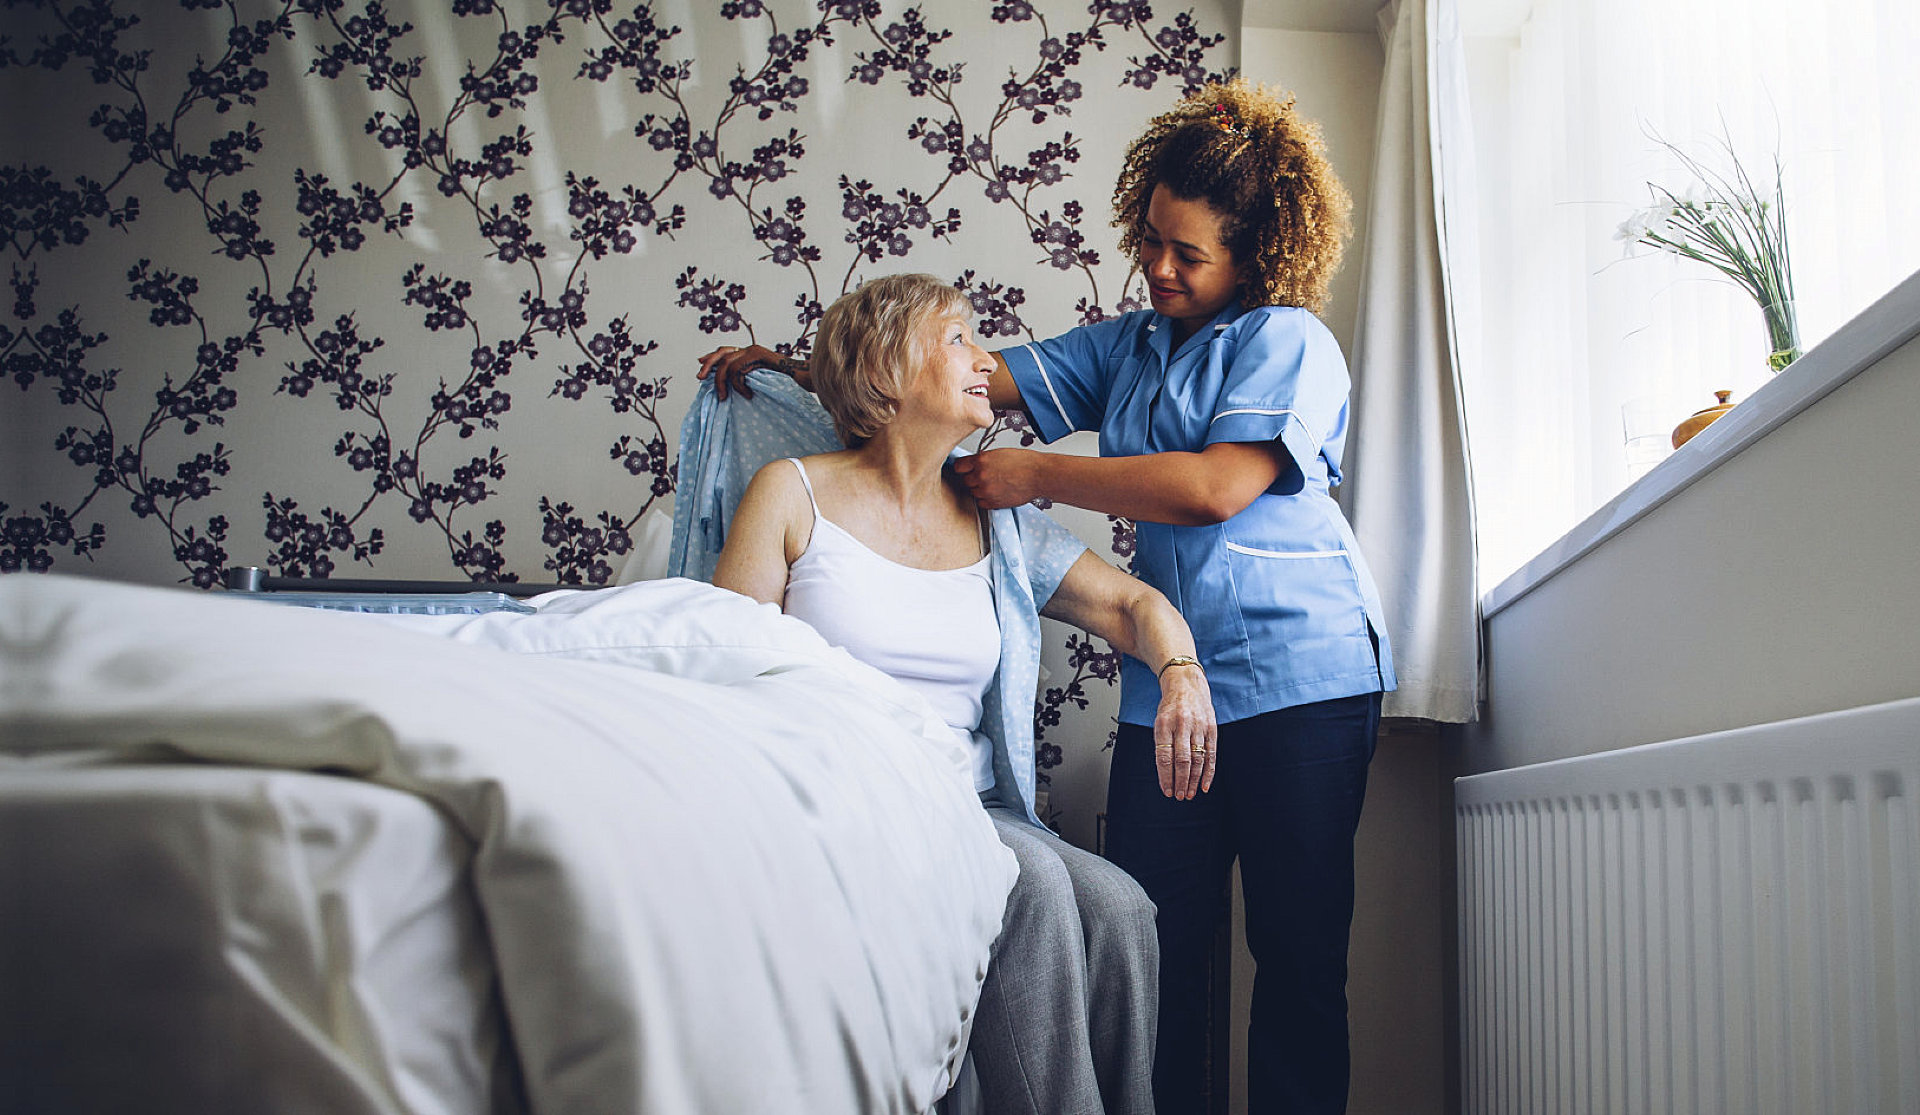 caretaker helps elder lady dress up